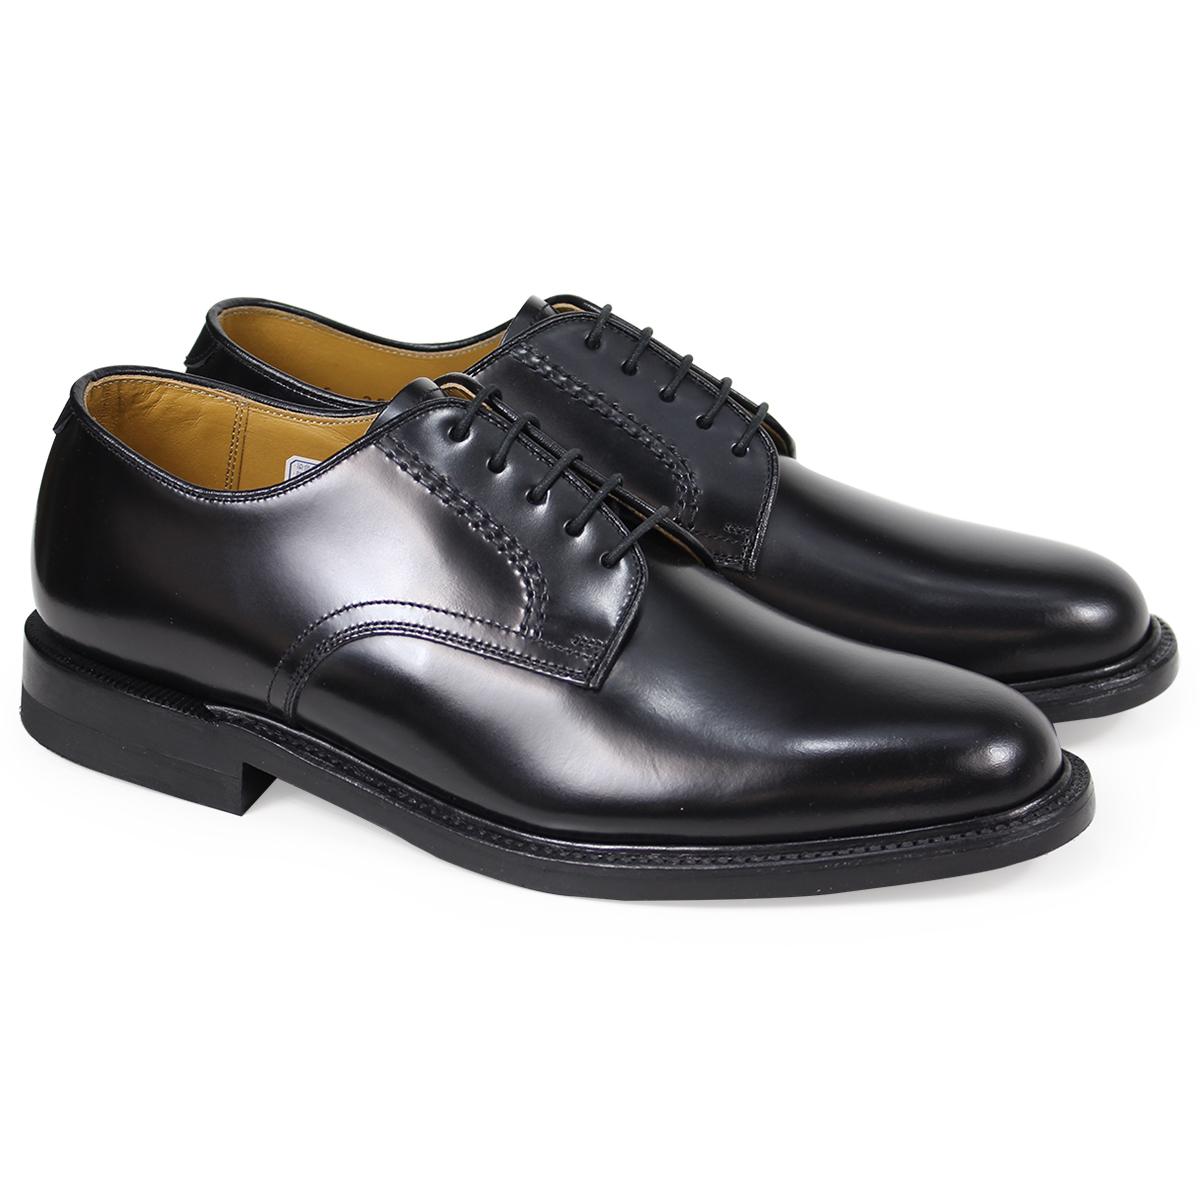 REGAL 2504NA 靴 リーガル メンズ プレーントゥ ビジネスシューズ 日本製 ブラウン